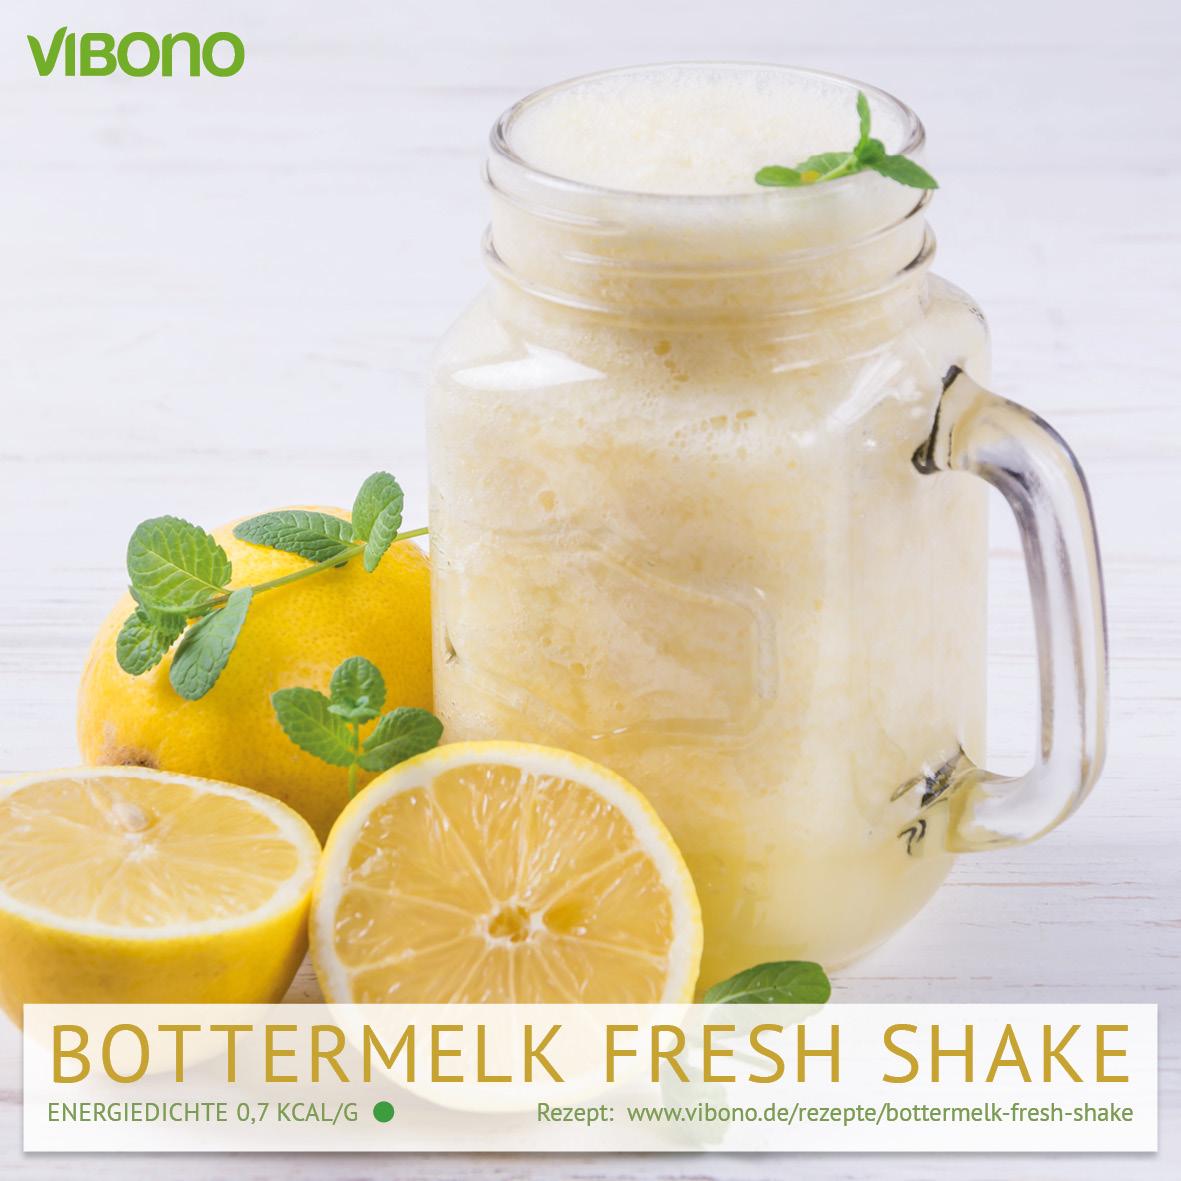 Bottermelk Fresh Shake